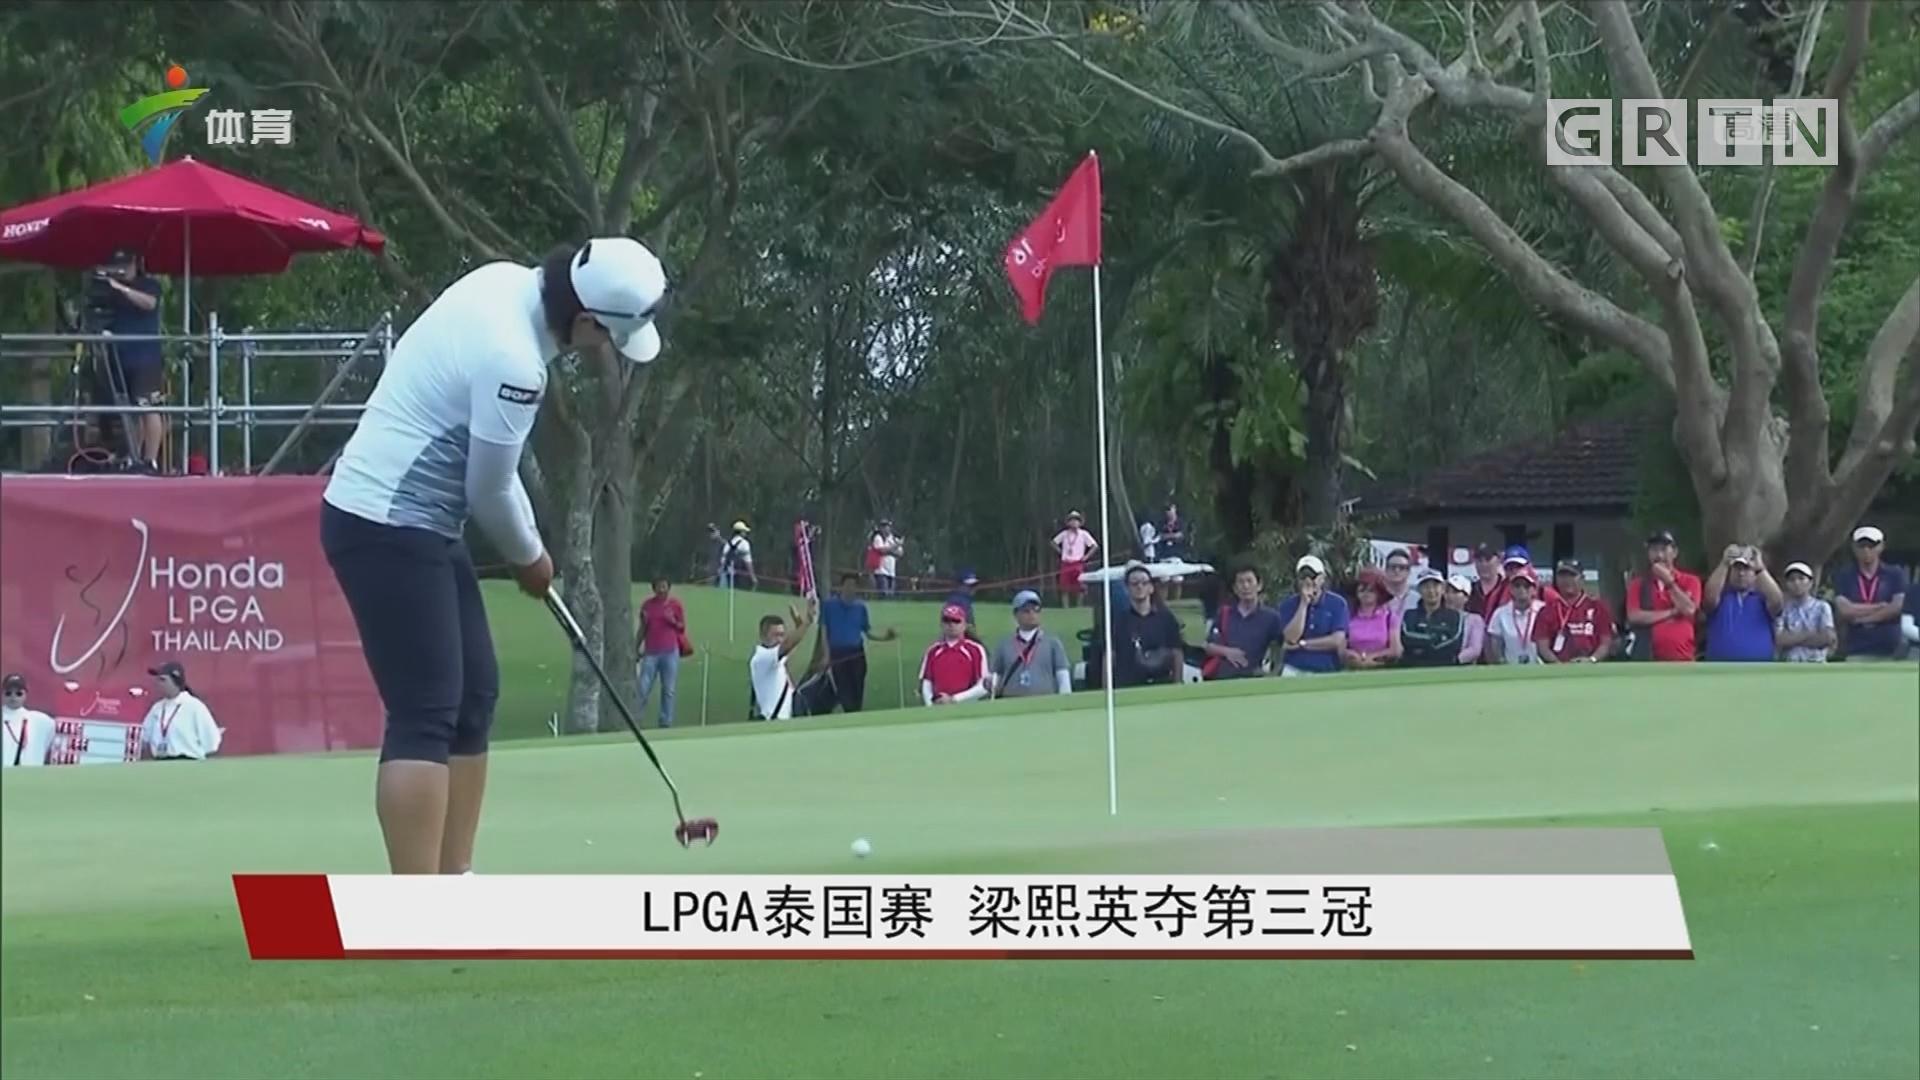 LPGA泰国赛 梁熙英夺第三冠